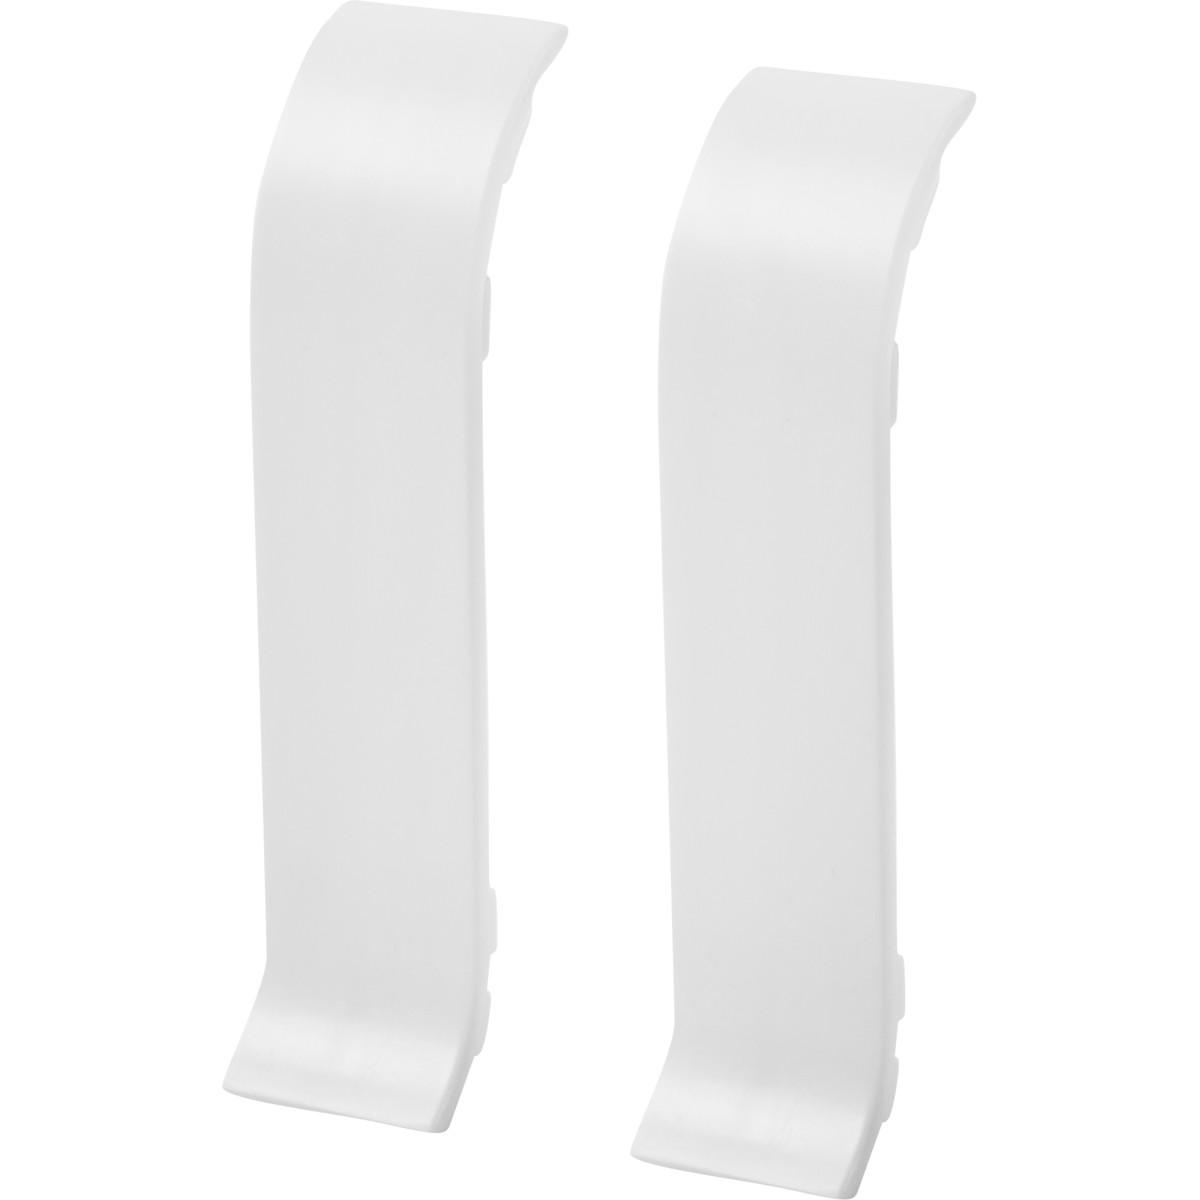 Соединитель для плинтуса Белый высота 60 мм 2 шт.